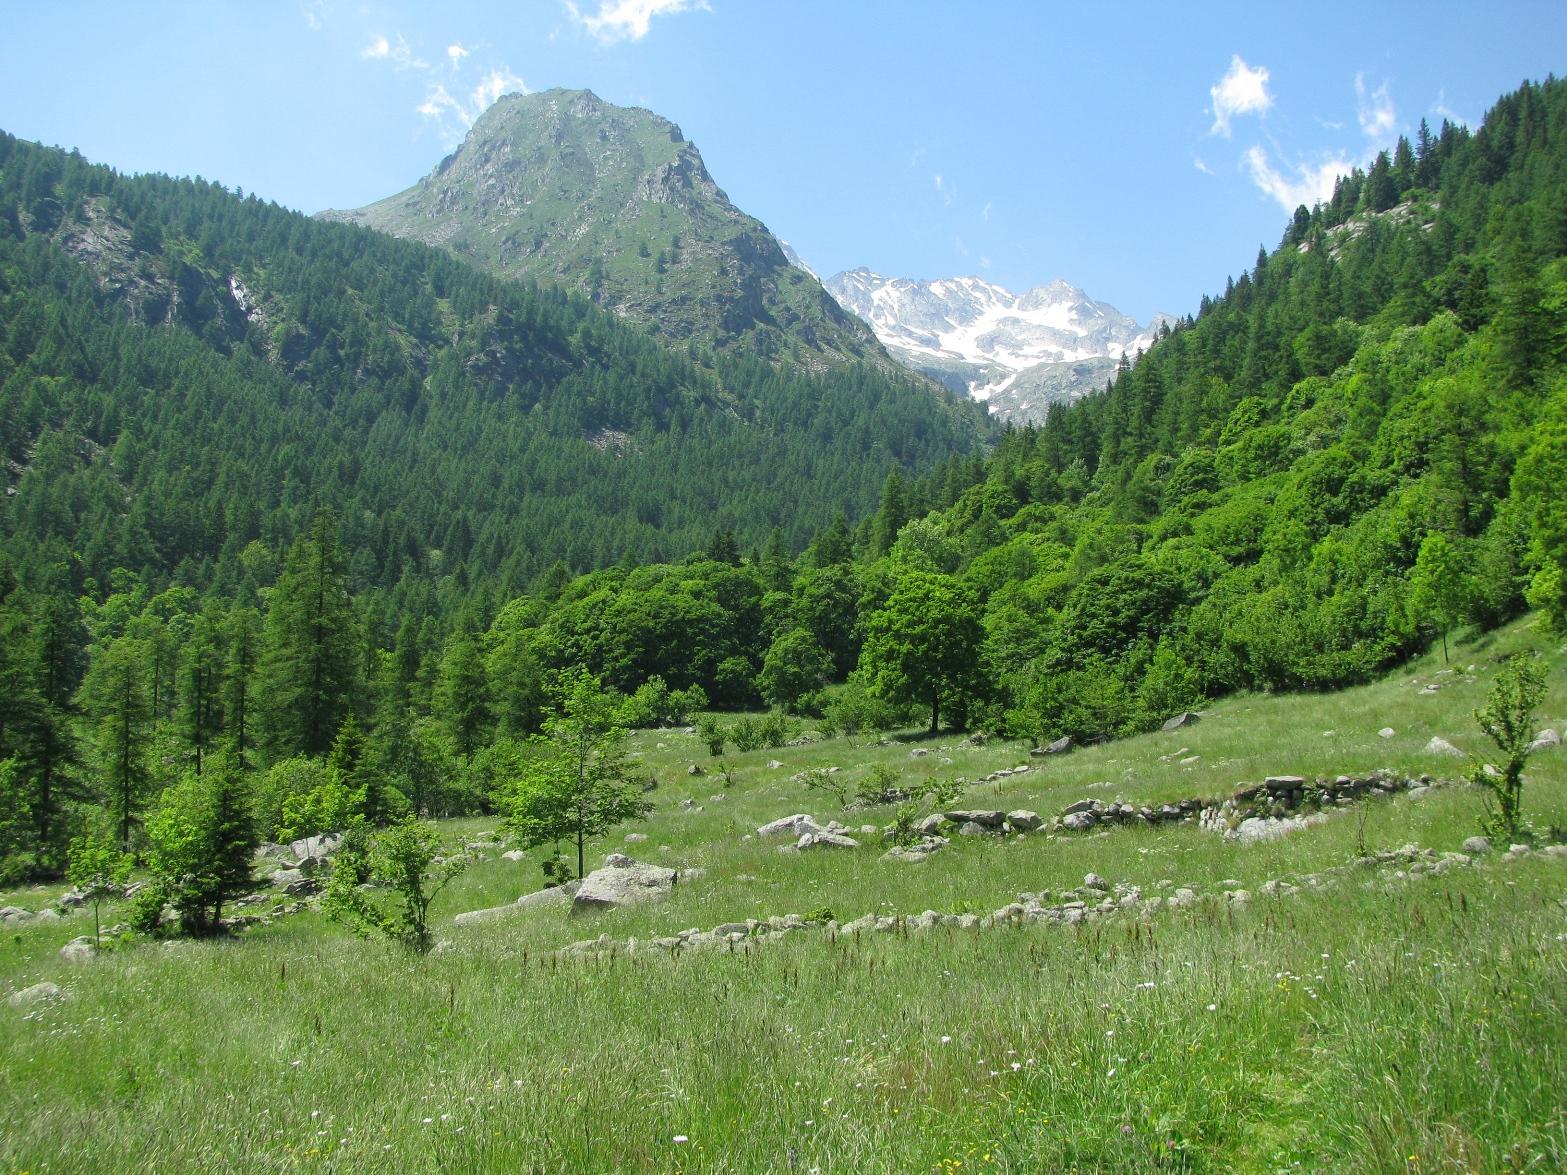 Rossa (Punta la) da Tressi per l' Alpe Gran Fumà e la dorsale SE 2014-06-20